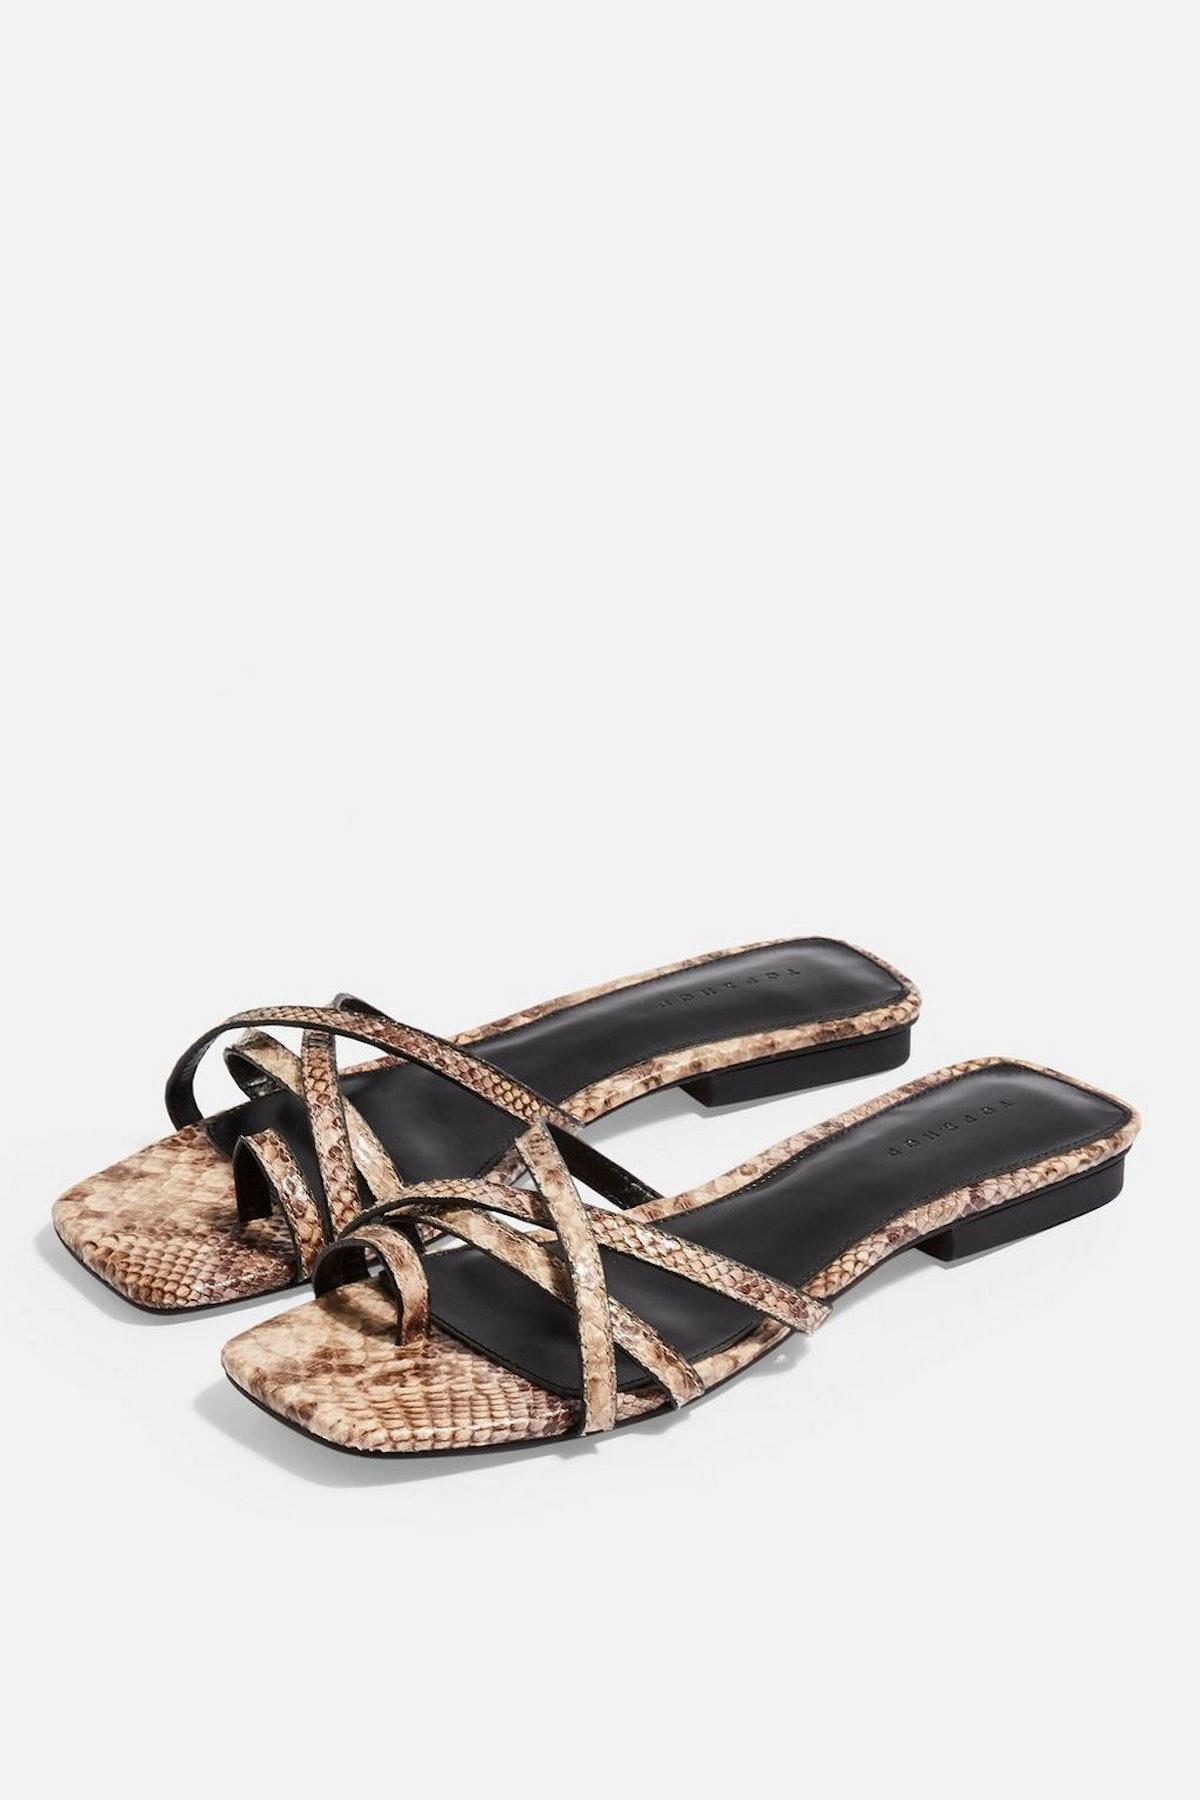 HIPPIE Flat Sandals